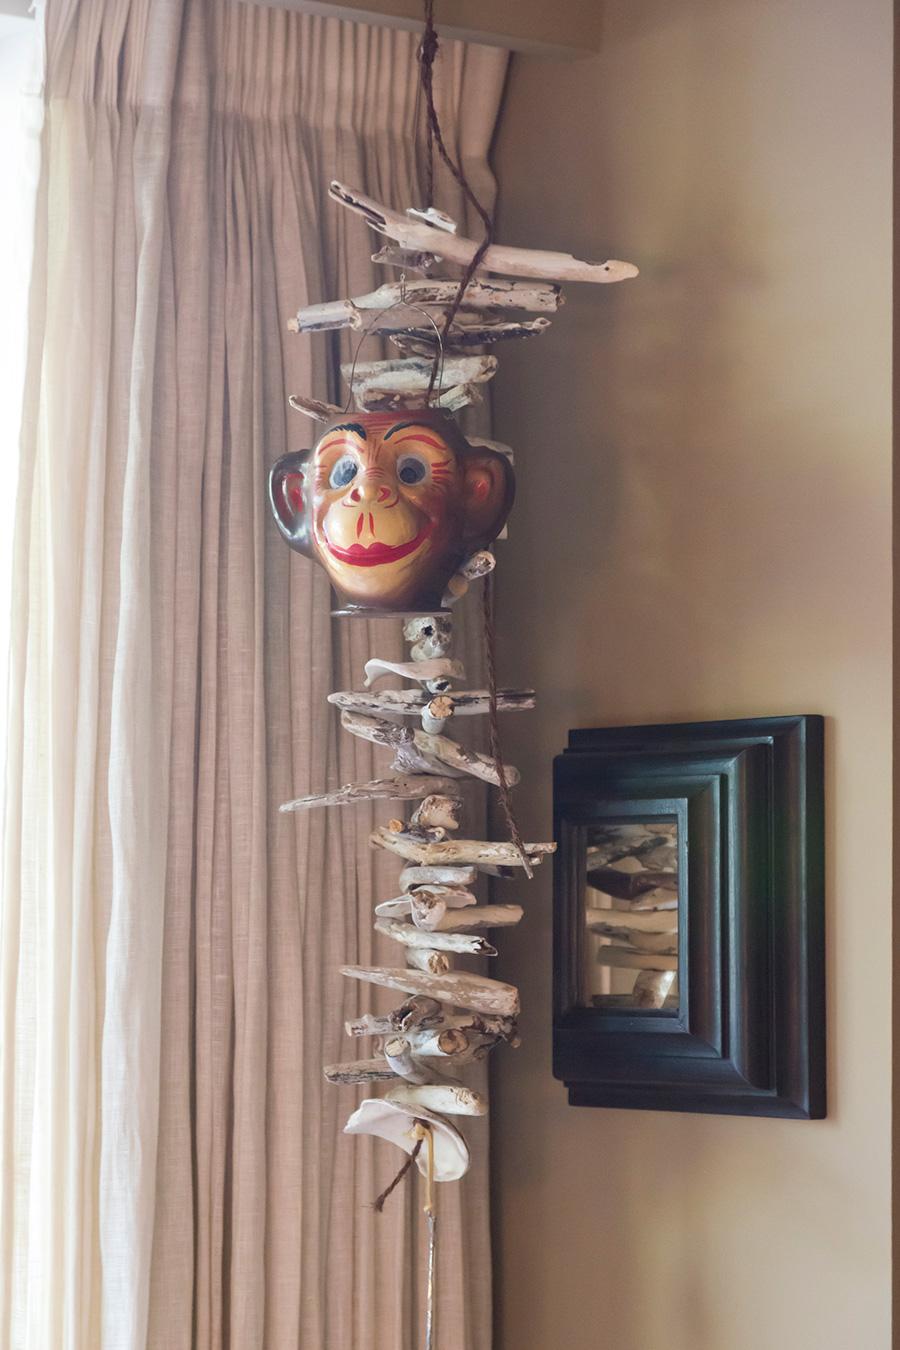 流木を使うクリエイターにプレゼントしてもらったハンギング。サルのお面をプラスするのが玲子さん流。